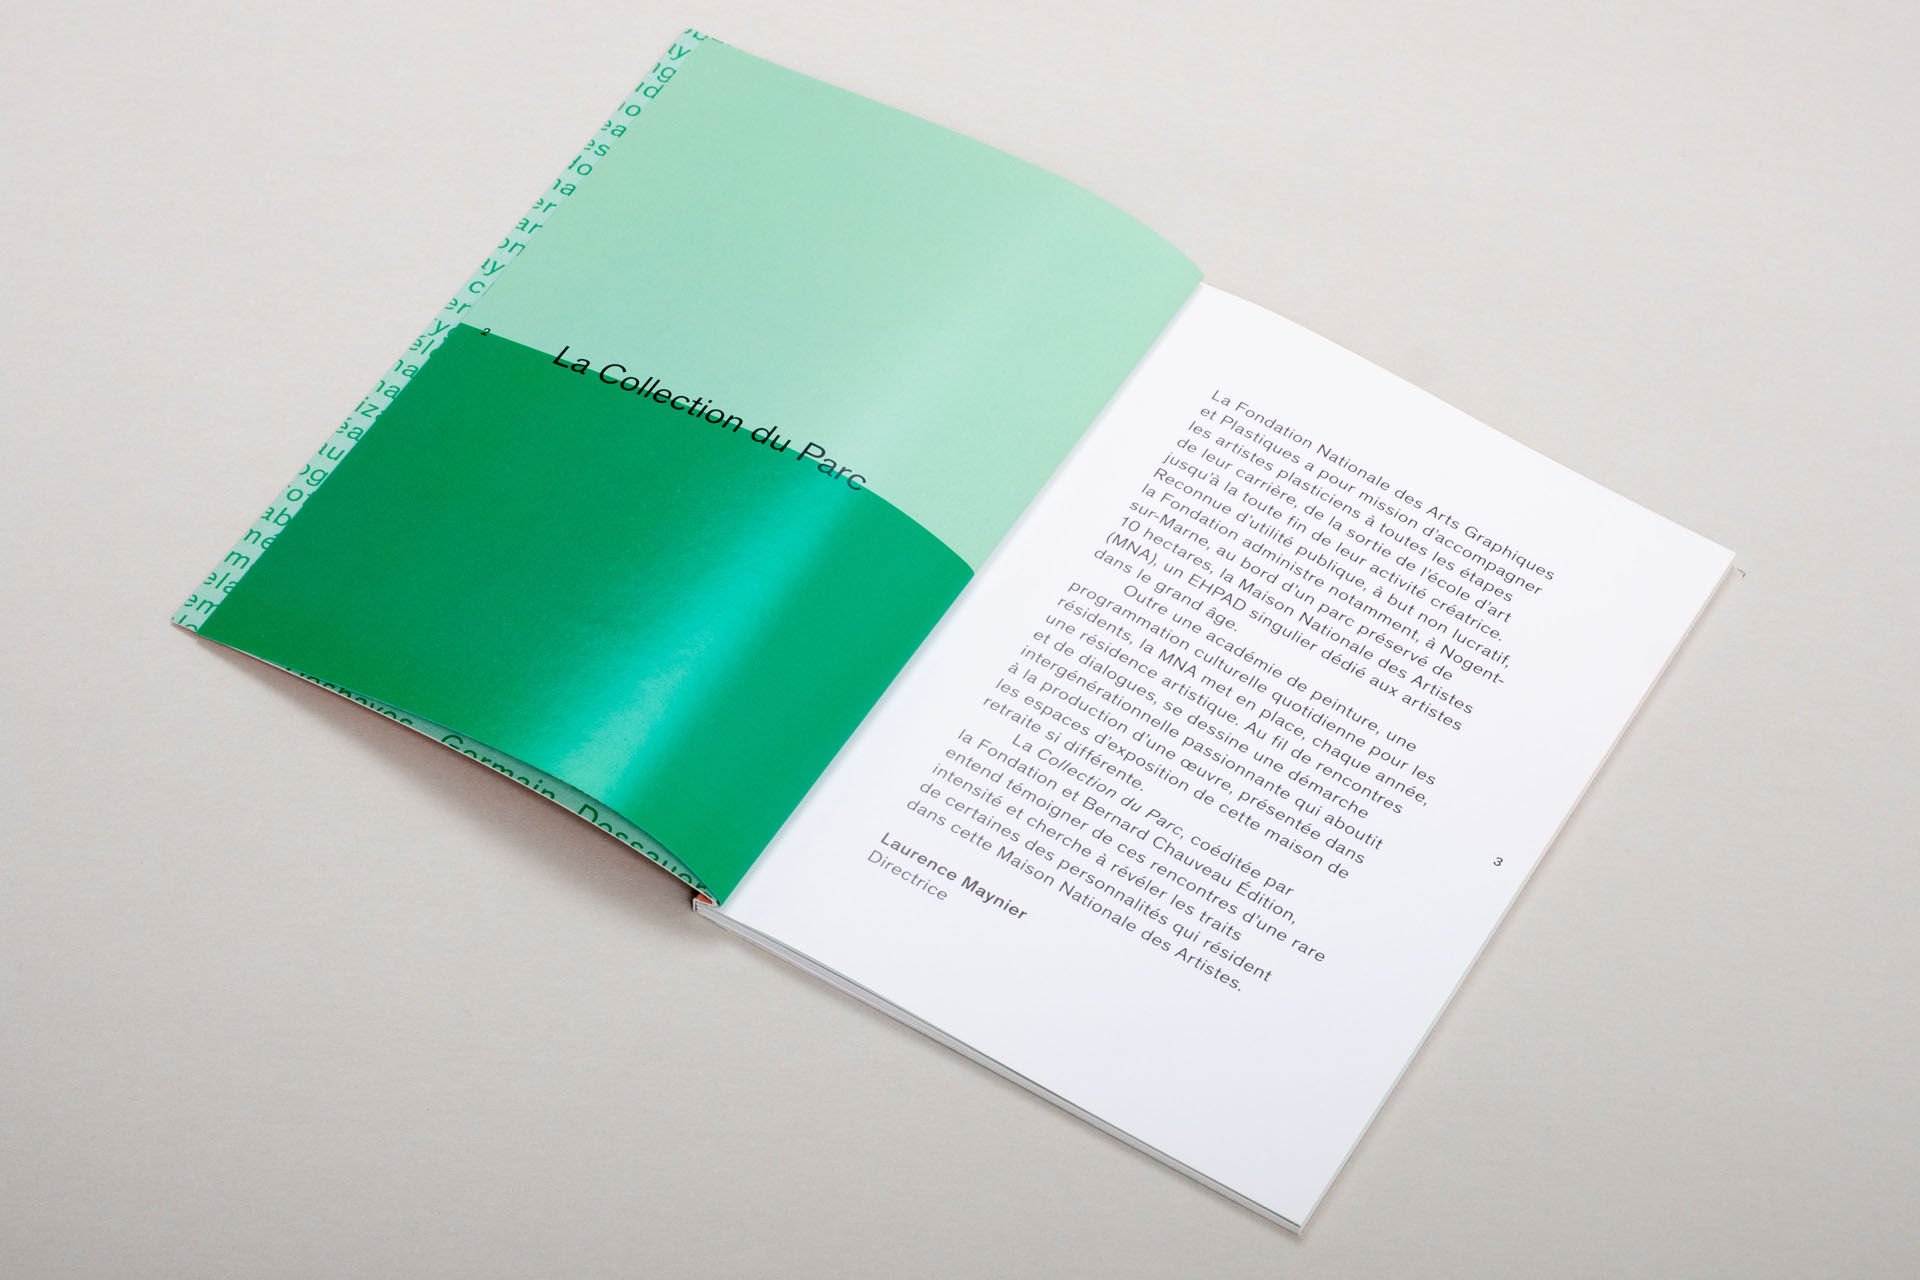 collection-du-parc-gregoire-korganow-édition-bernard-chauveau-plastac